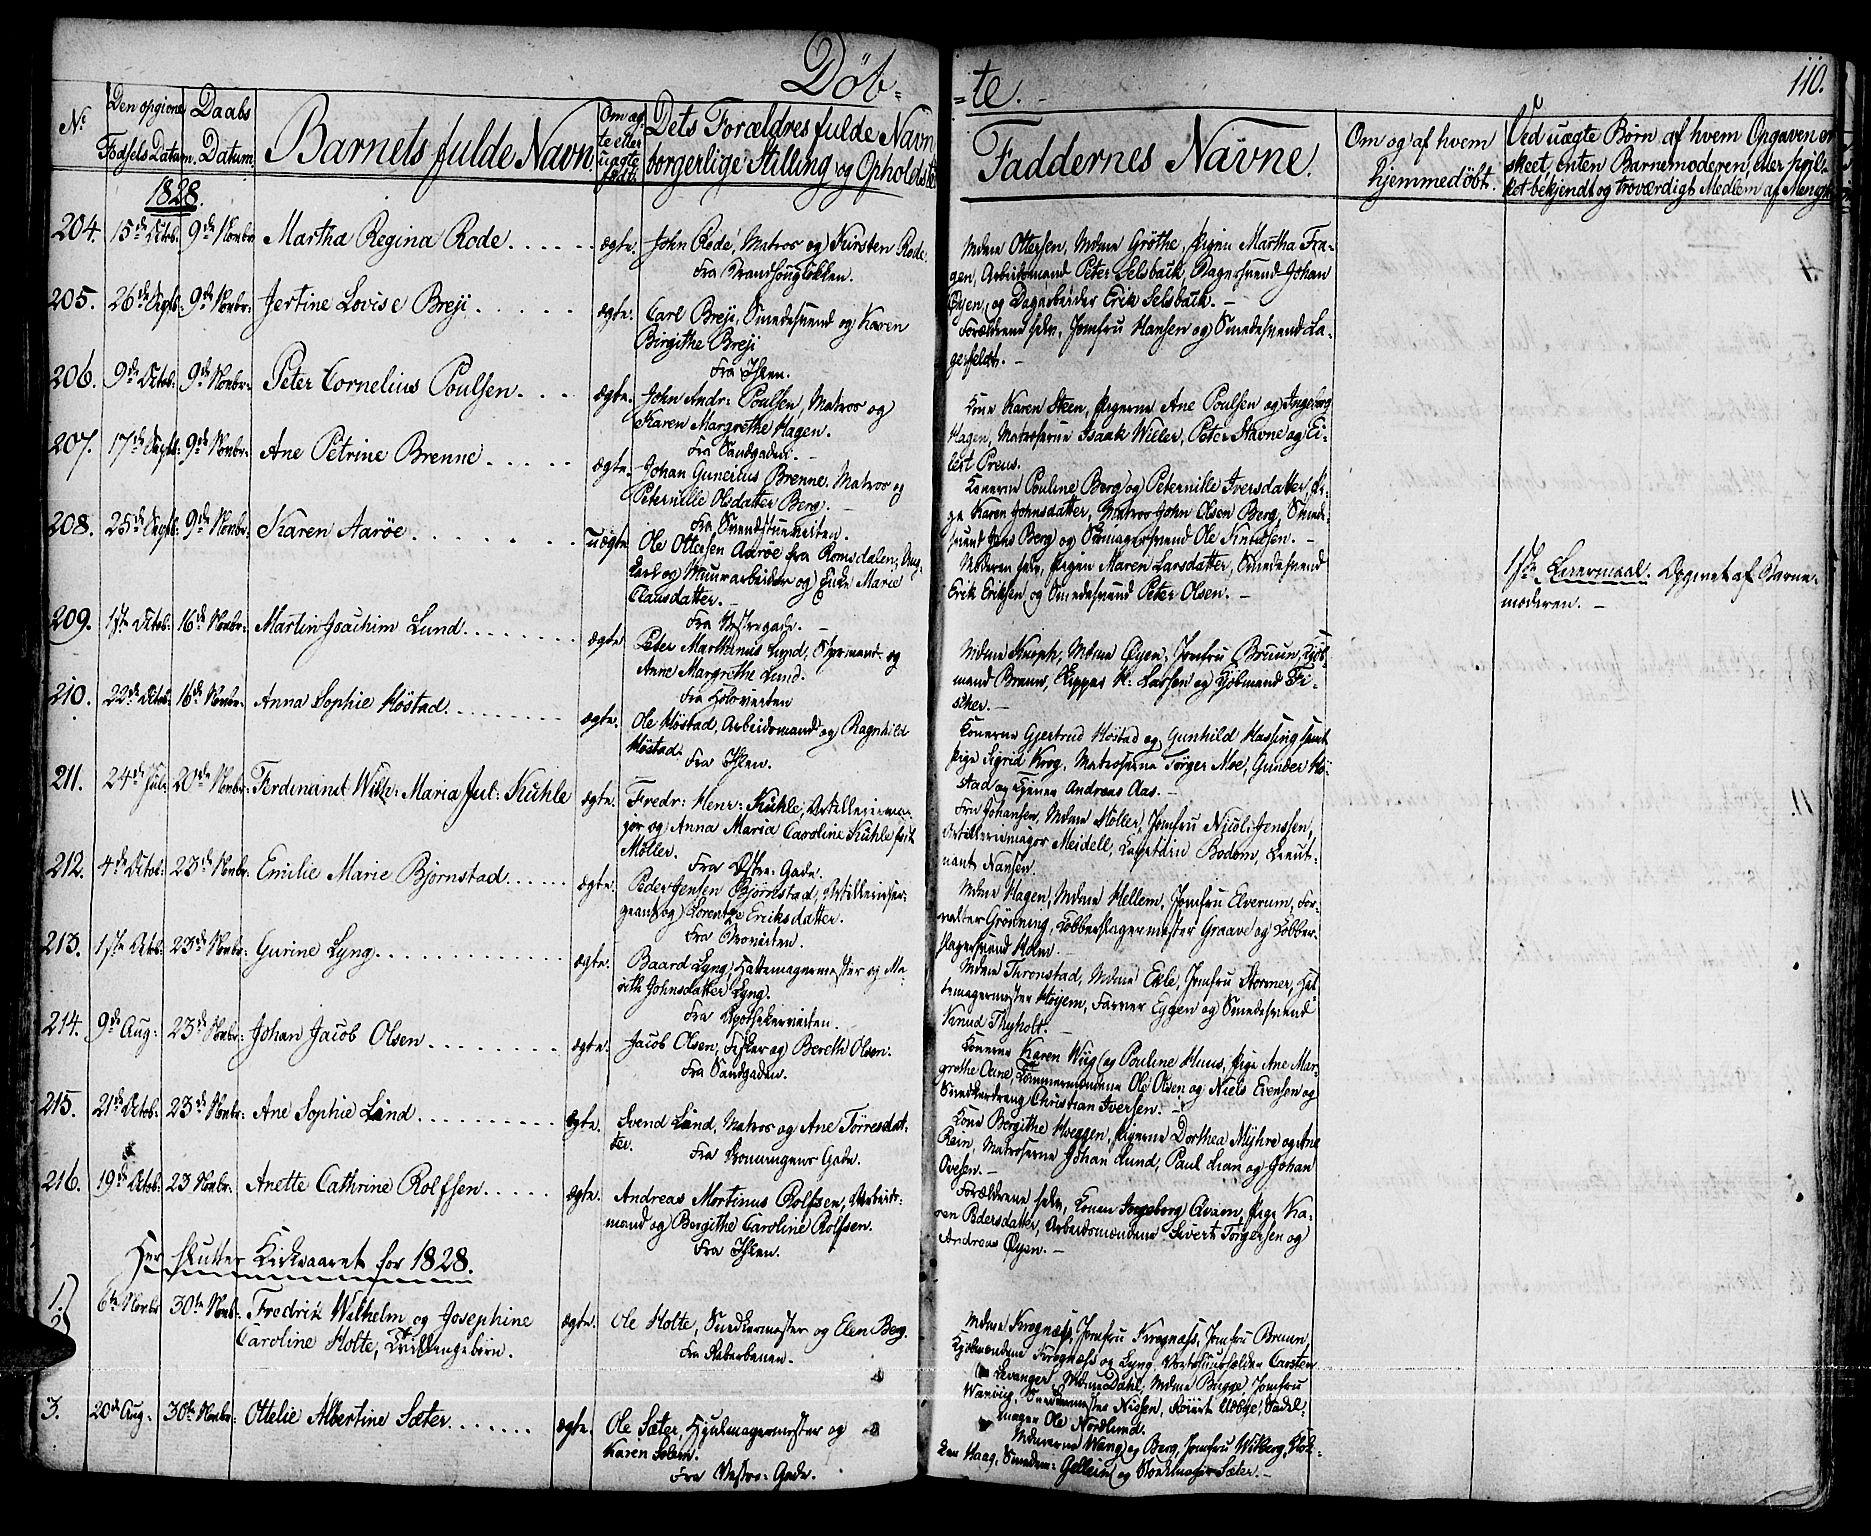 SAT, Ministerialprotokoller, klokkerbøker og fødselsregistre - Sør-Trøndelag, 601/L0045: Ministerialbok nr. 601A13, 1821-1831, s. 110